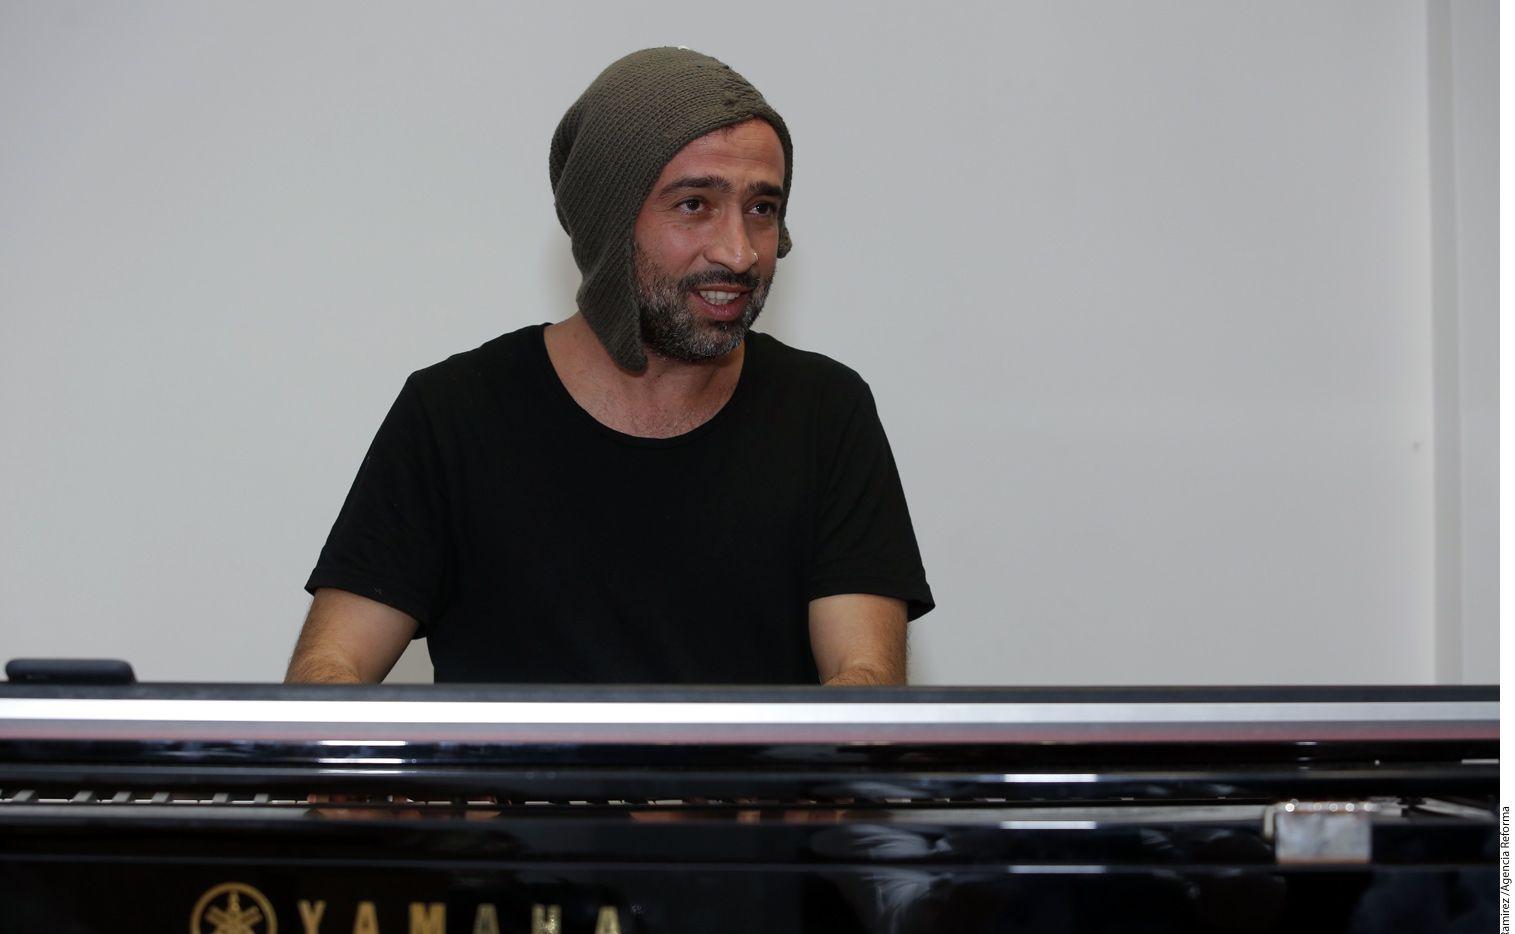 Mario Domm, líder de Camila, piensa que las plataformas musicales no dan a los músicos el lugar que se merecen./AGENCIA REFORMA